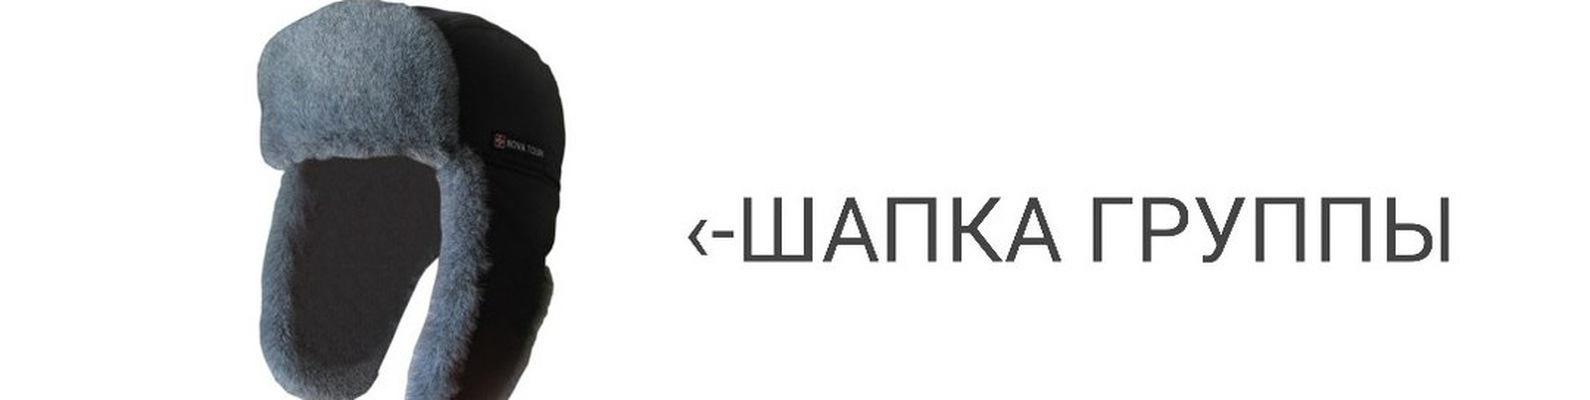 Картинка в шапку группы вконтакте